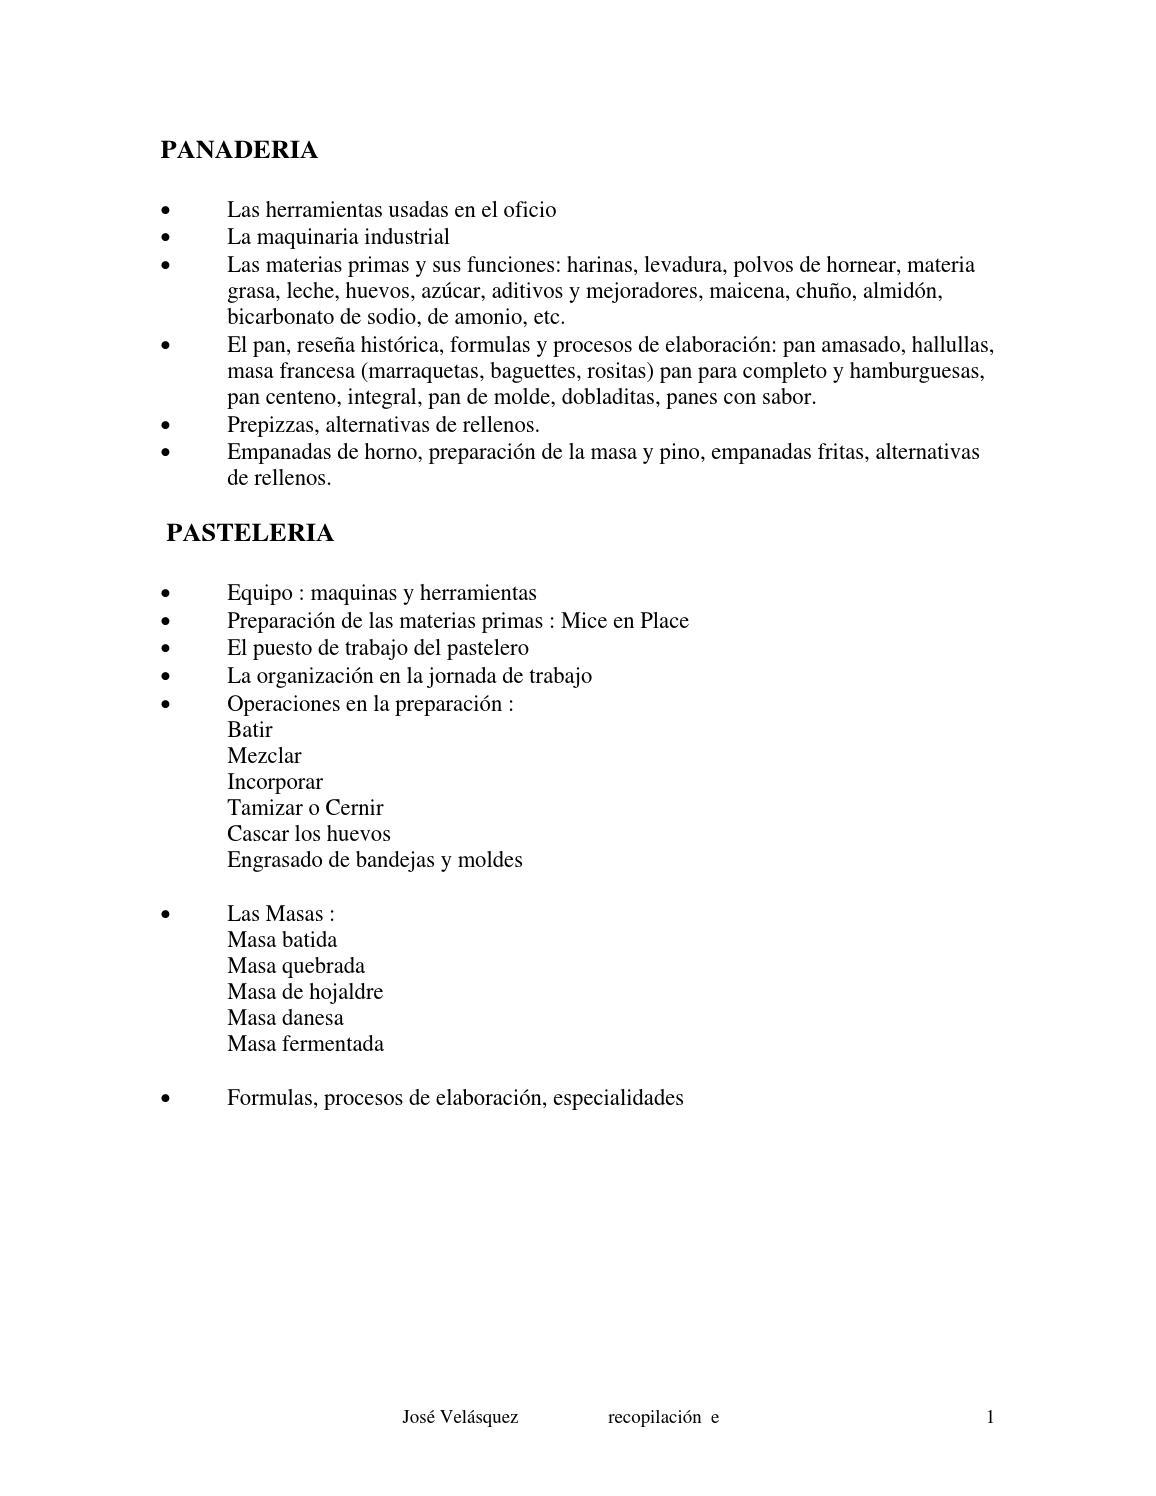 Curso panaderia y pasteleria by Yanira de Coto - issuu